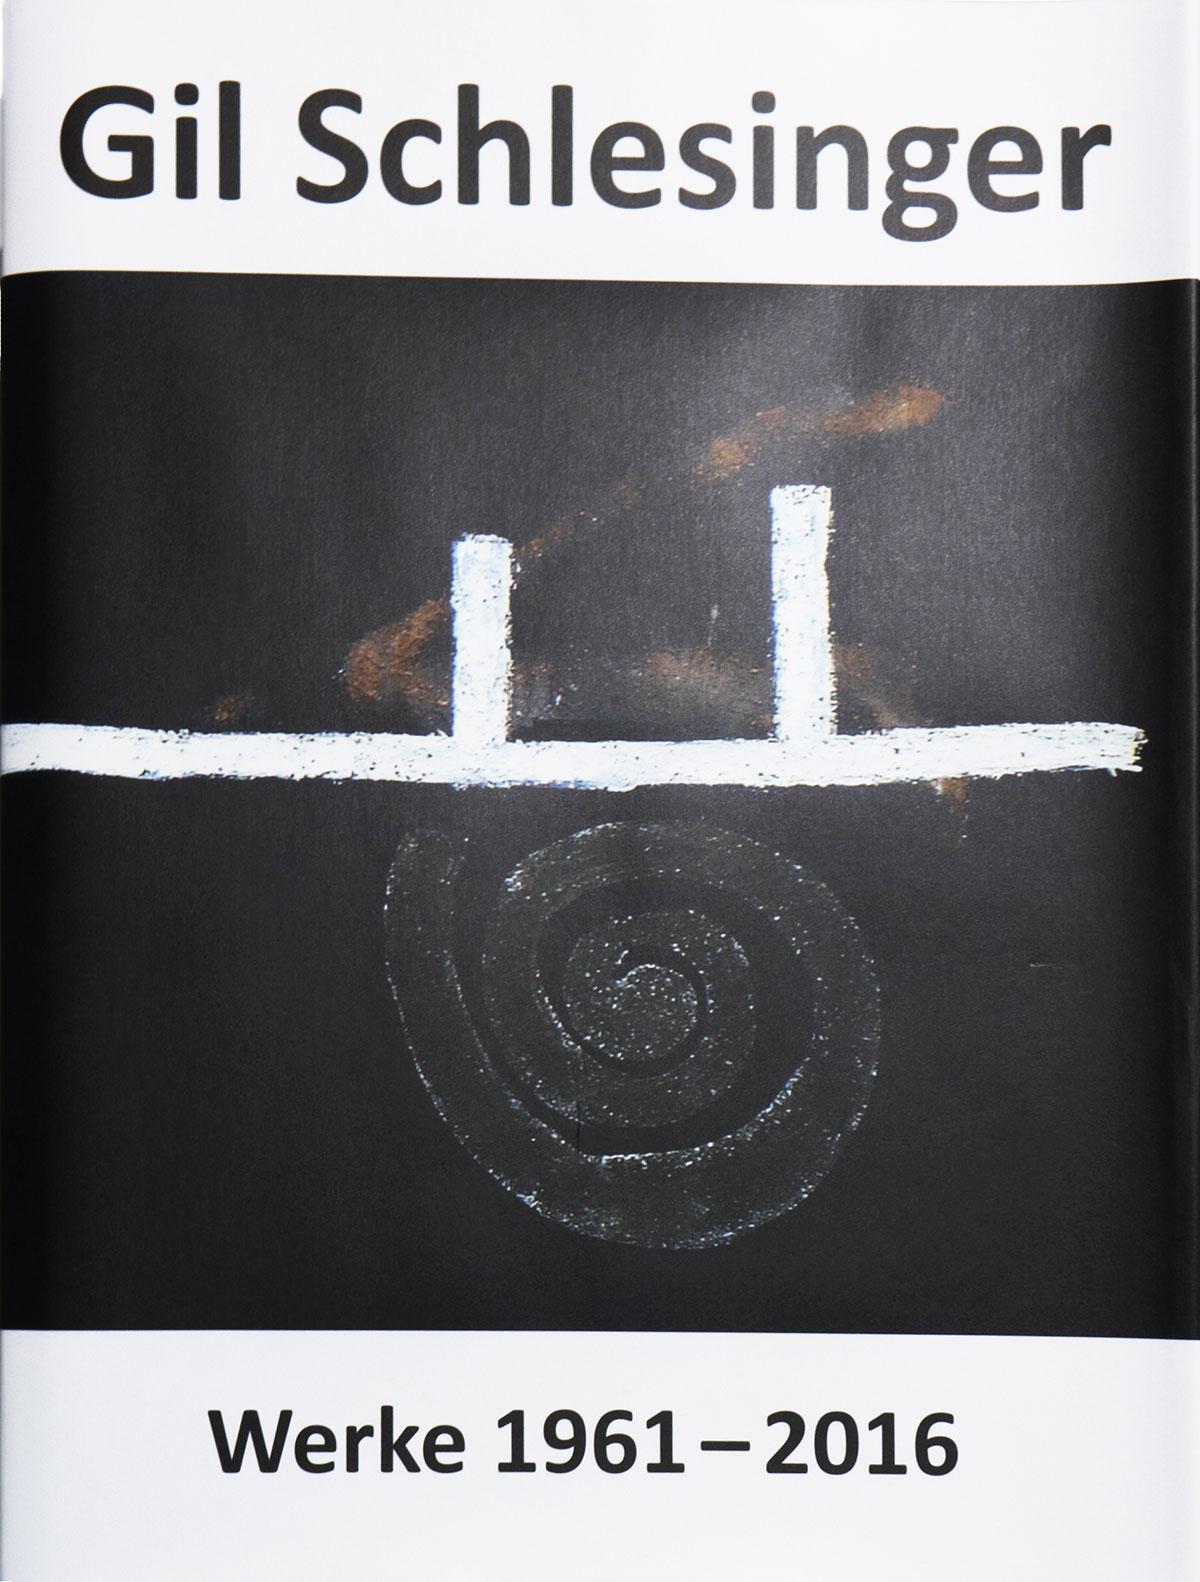 Gil Schlesinger. Works 1961-2016